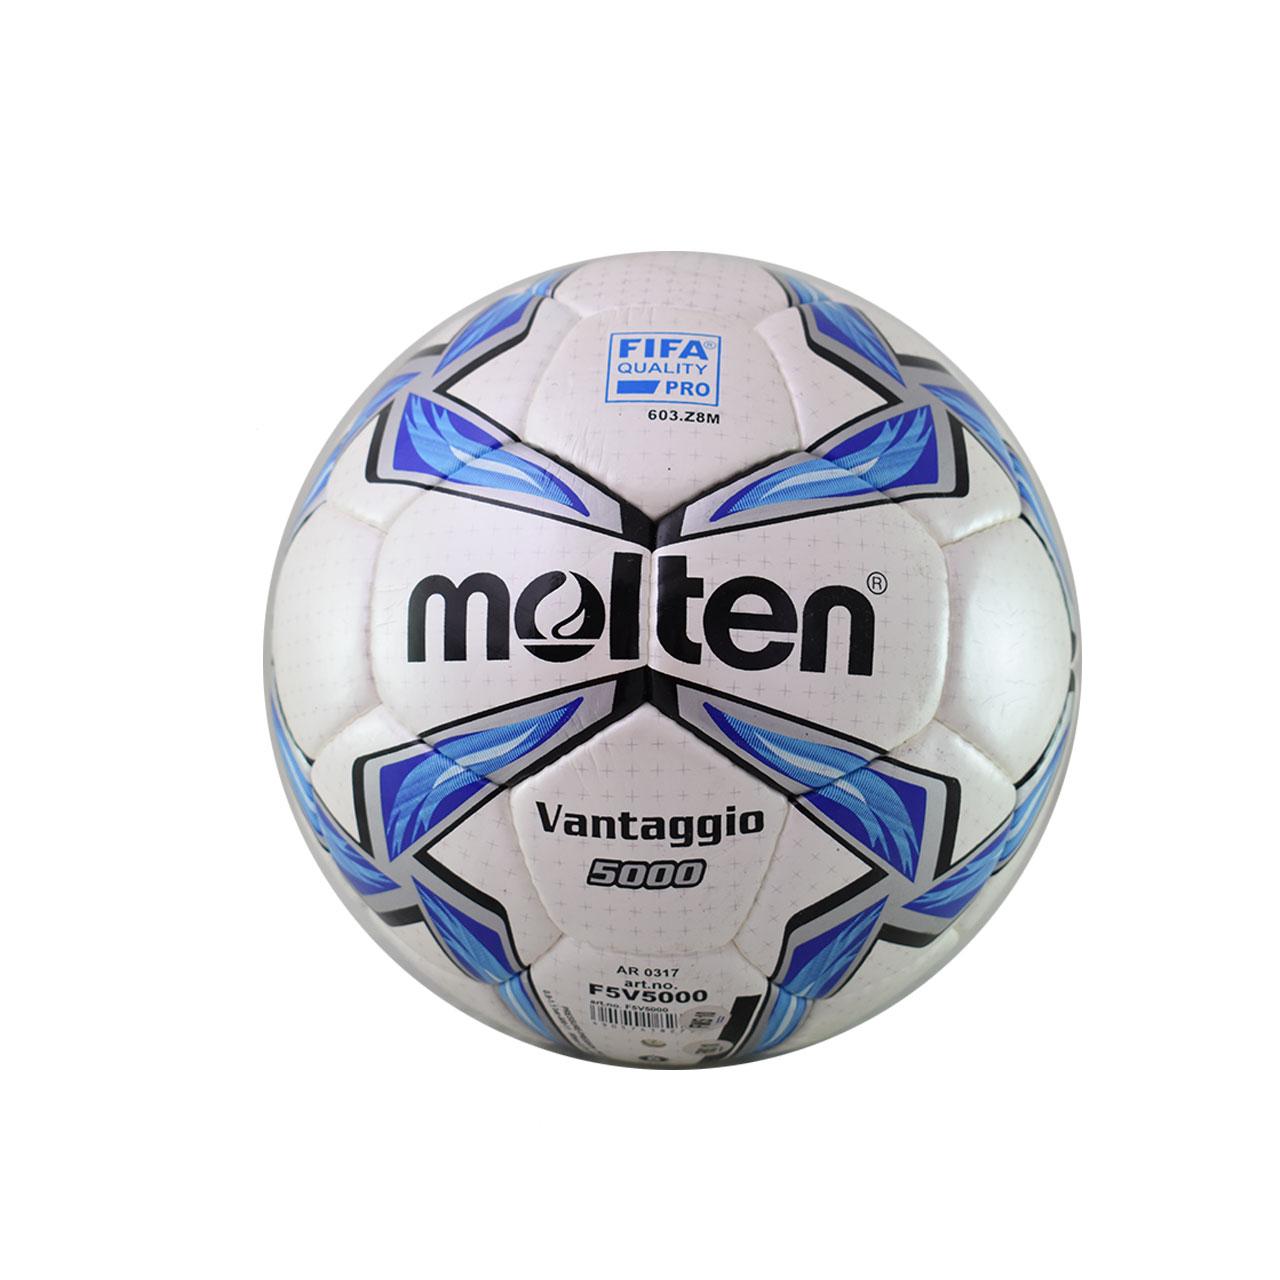 توپ فوتبال مولتن مدل F5V5000 |